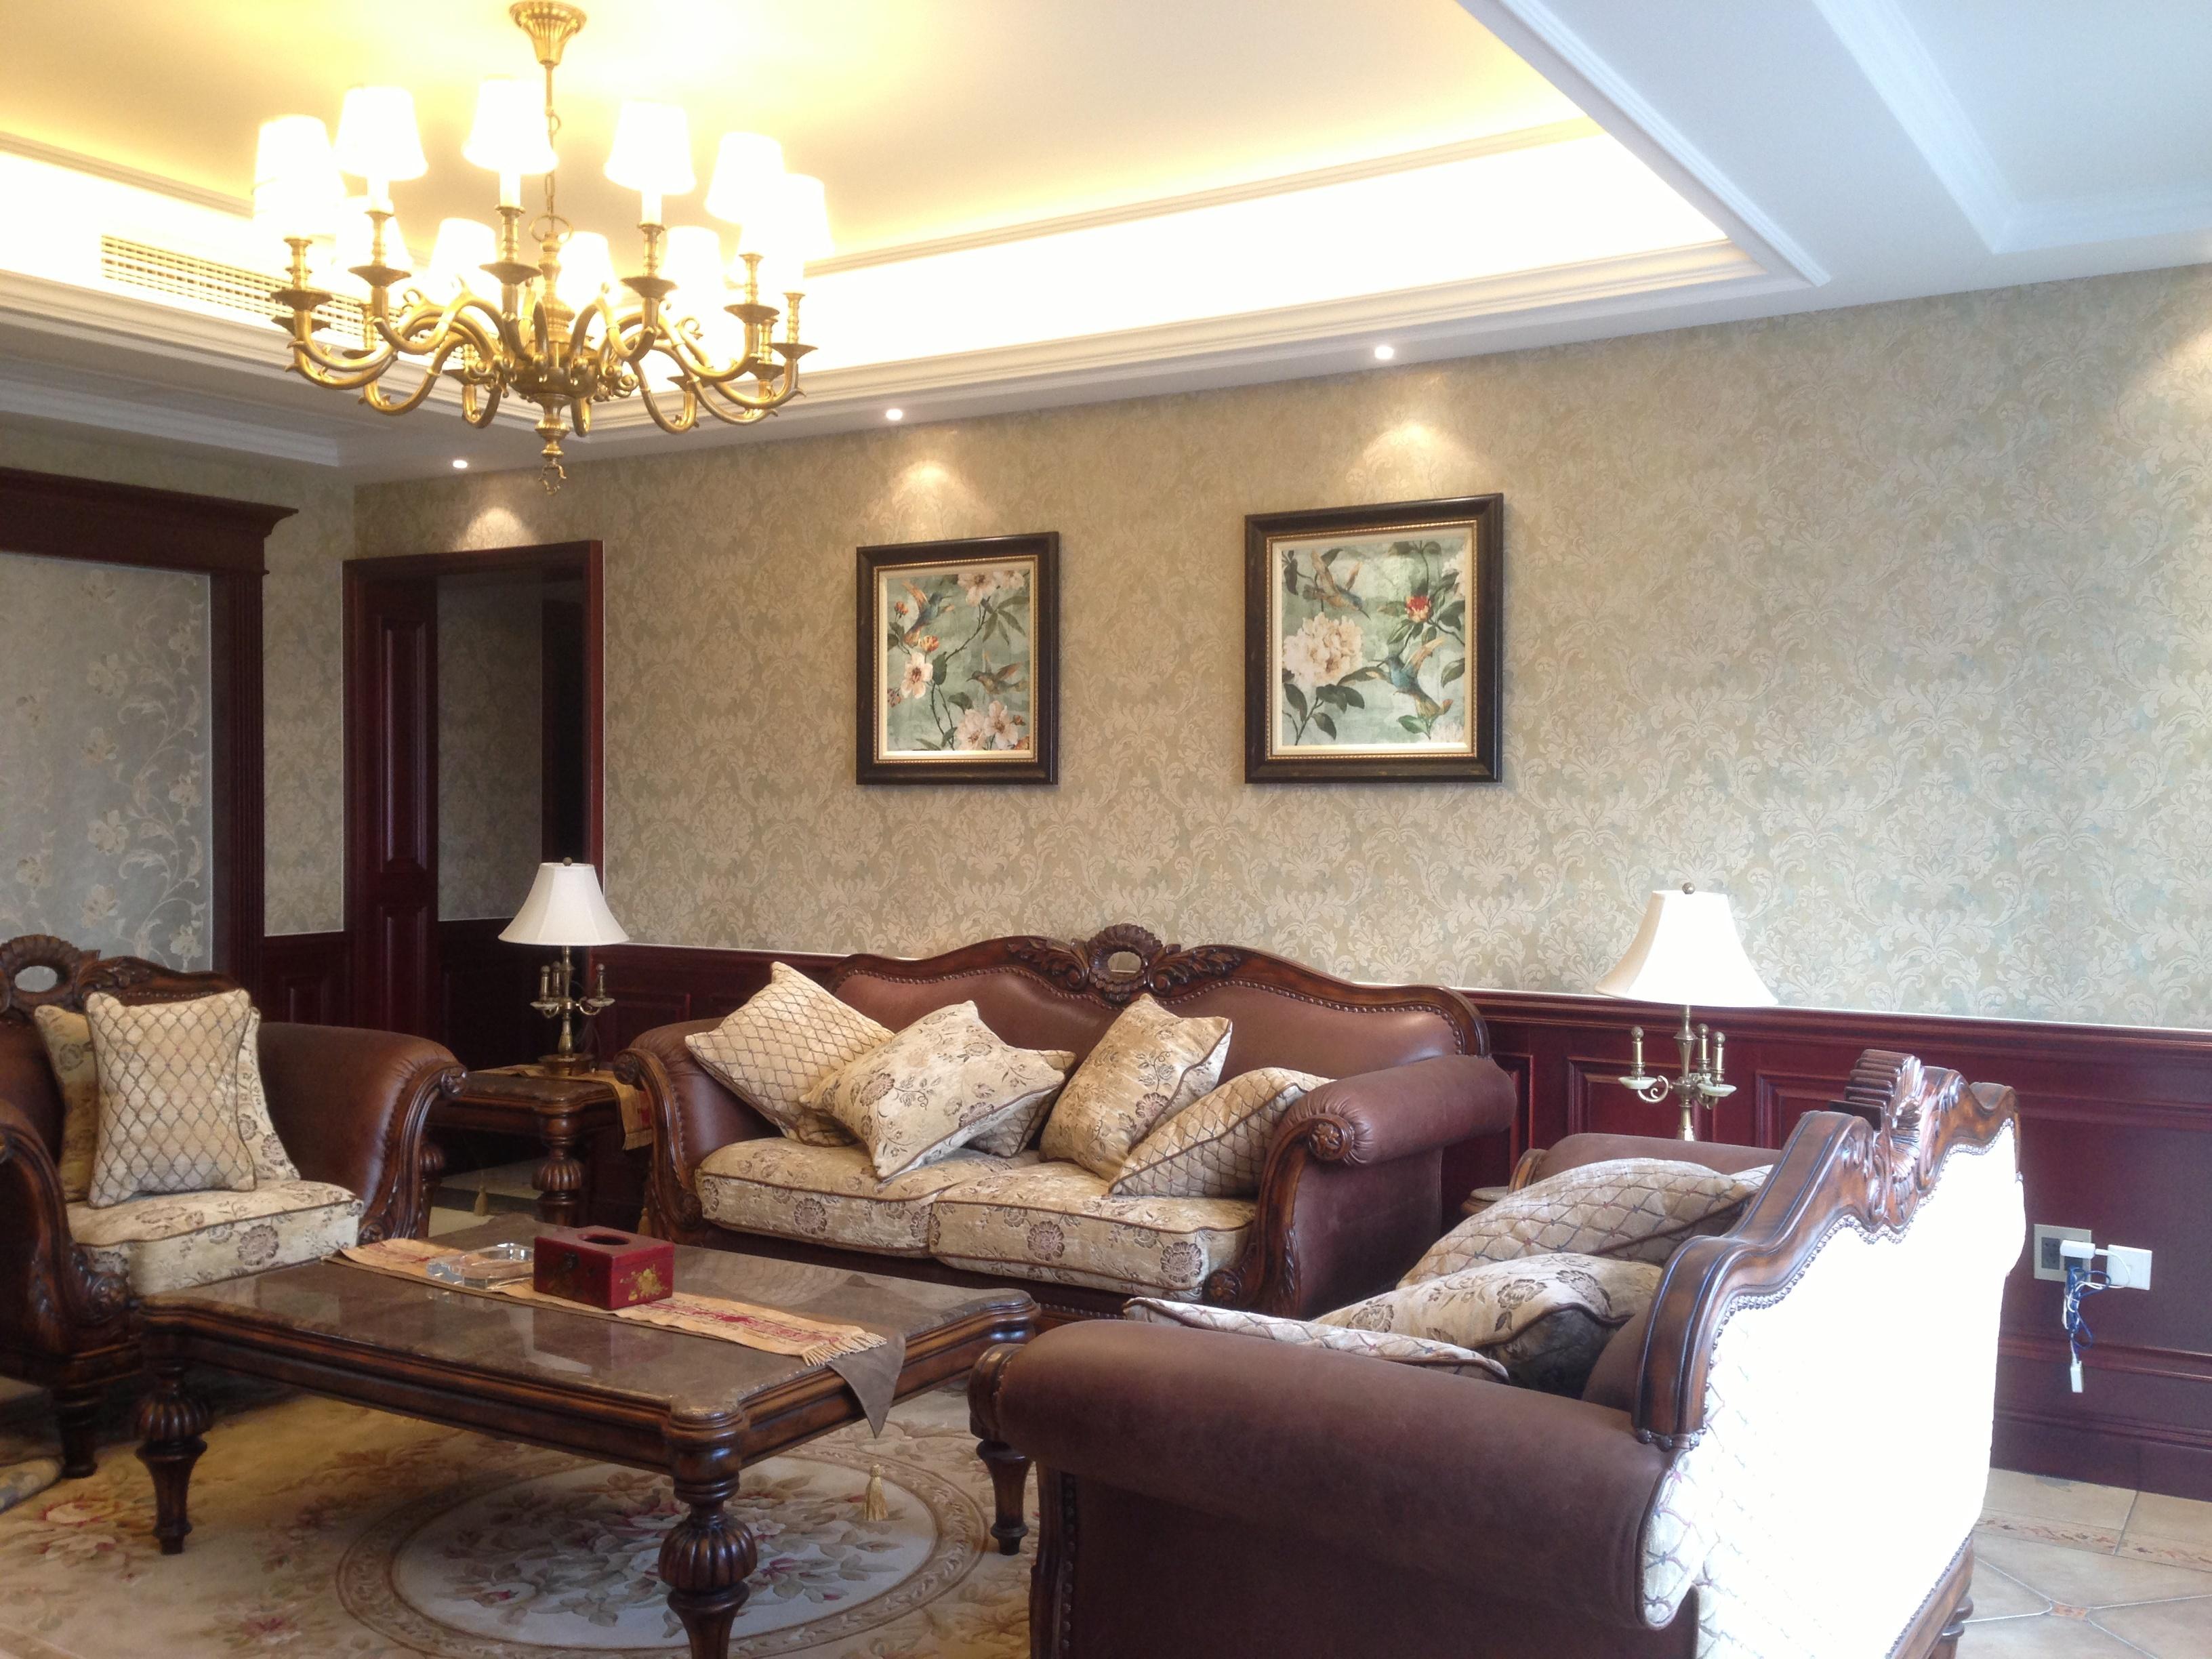 兰溪自建别墅美式风格装修效果图实景图